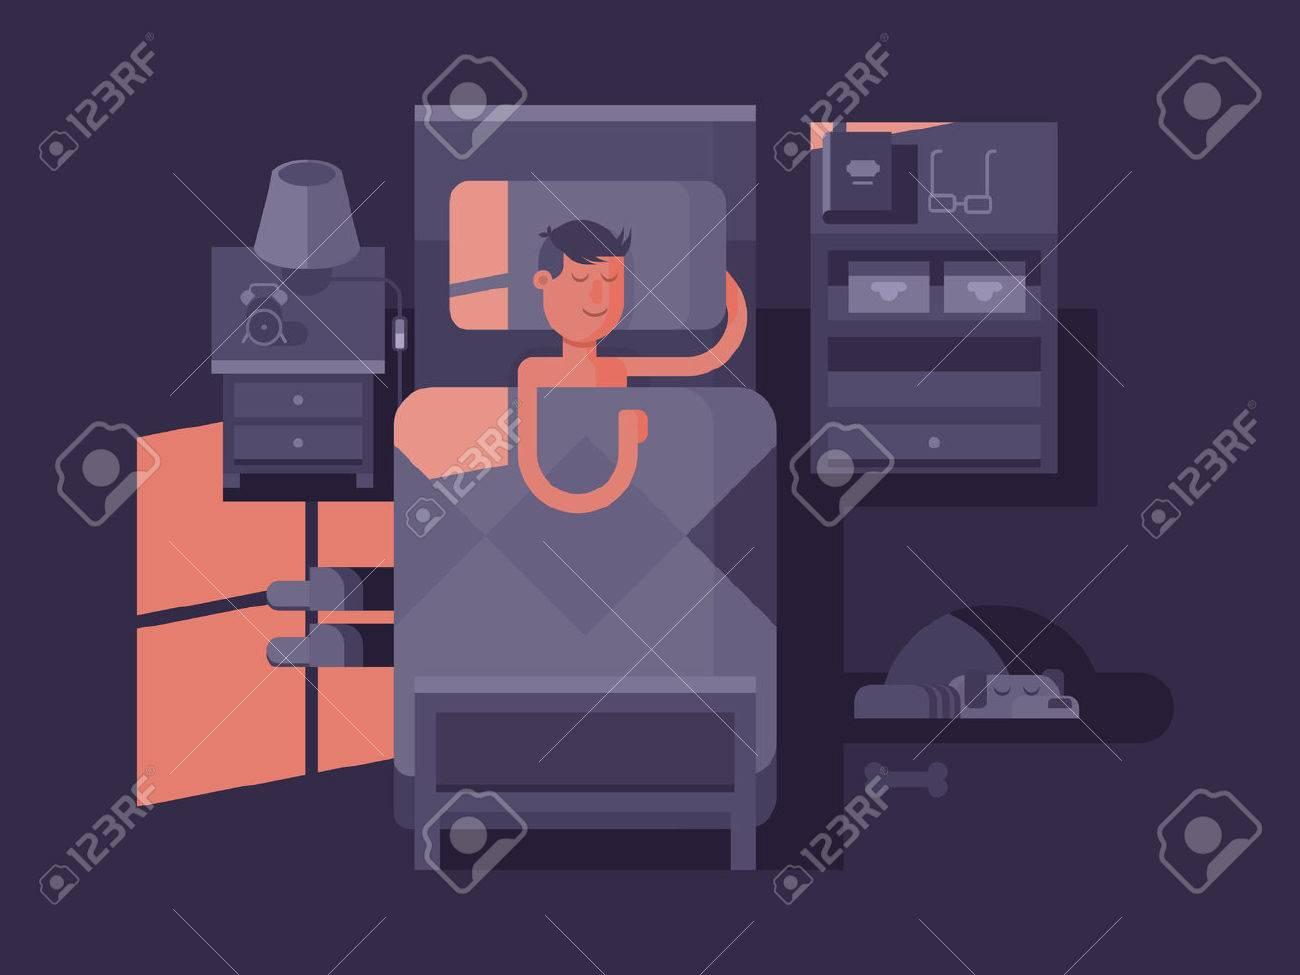 Man sleep in bed. Dream night, bedroom interior, vector illustration - 50996632